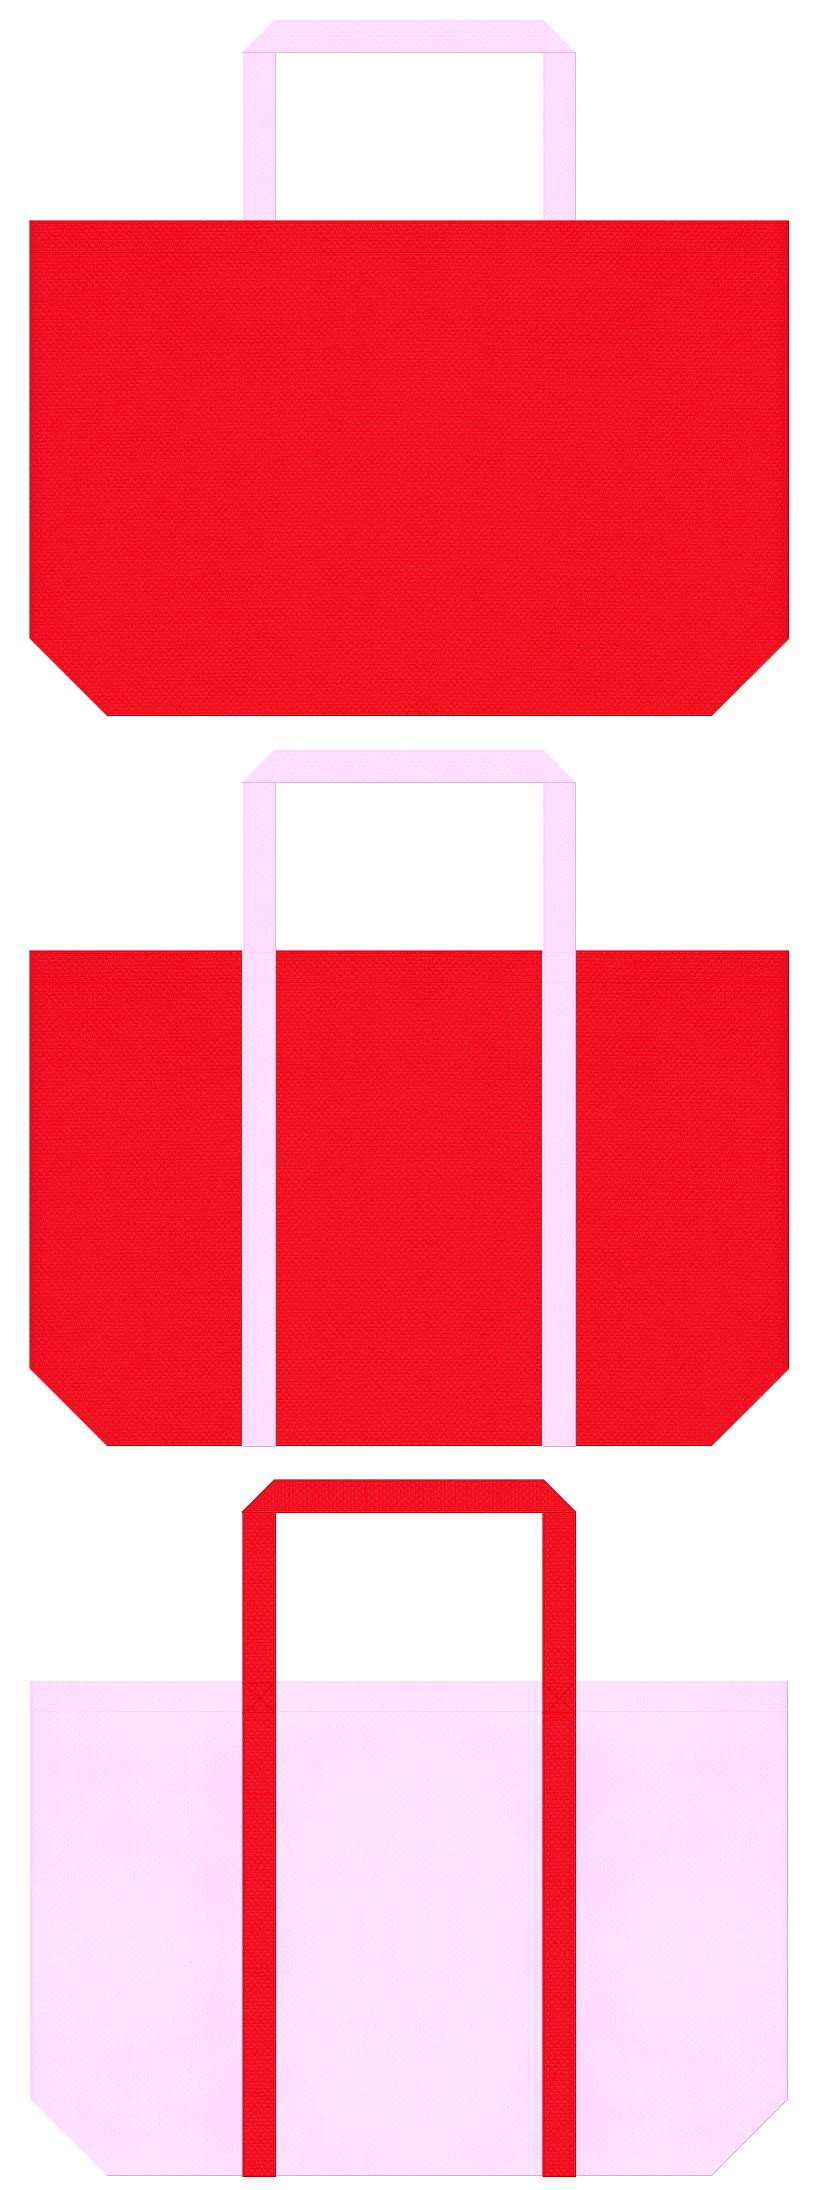 いちご・バレンタイン・ひな祭り・カーネーション・母の日・和風催事・お正月・福袋にお奨めの不織布ショッピングバッグのデザイン:赤色と明るいピンク色のコーデ